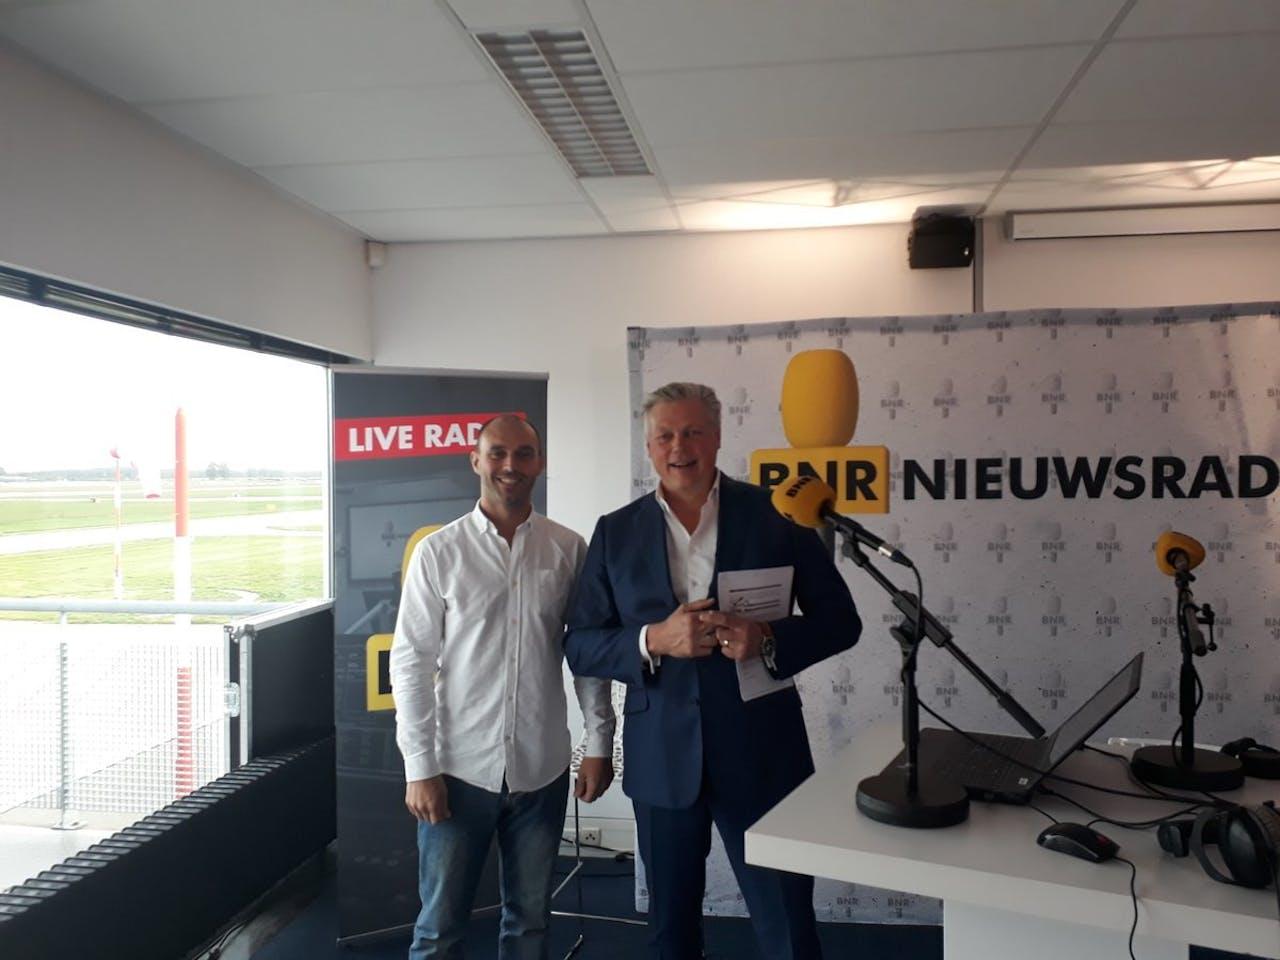 Roelof Hemmen & Thijs Emondts, General Manager van Uber in de Benelux